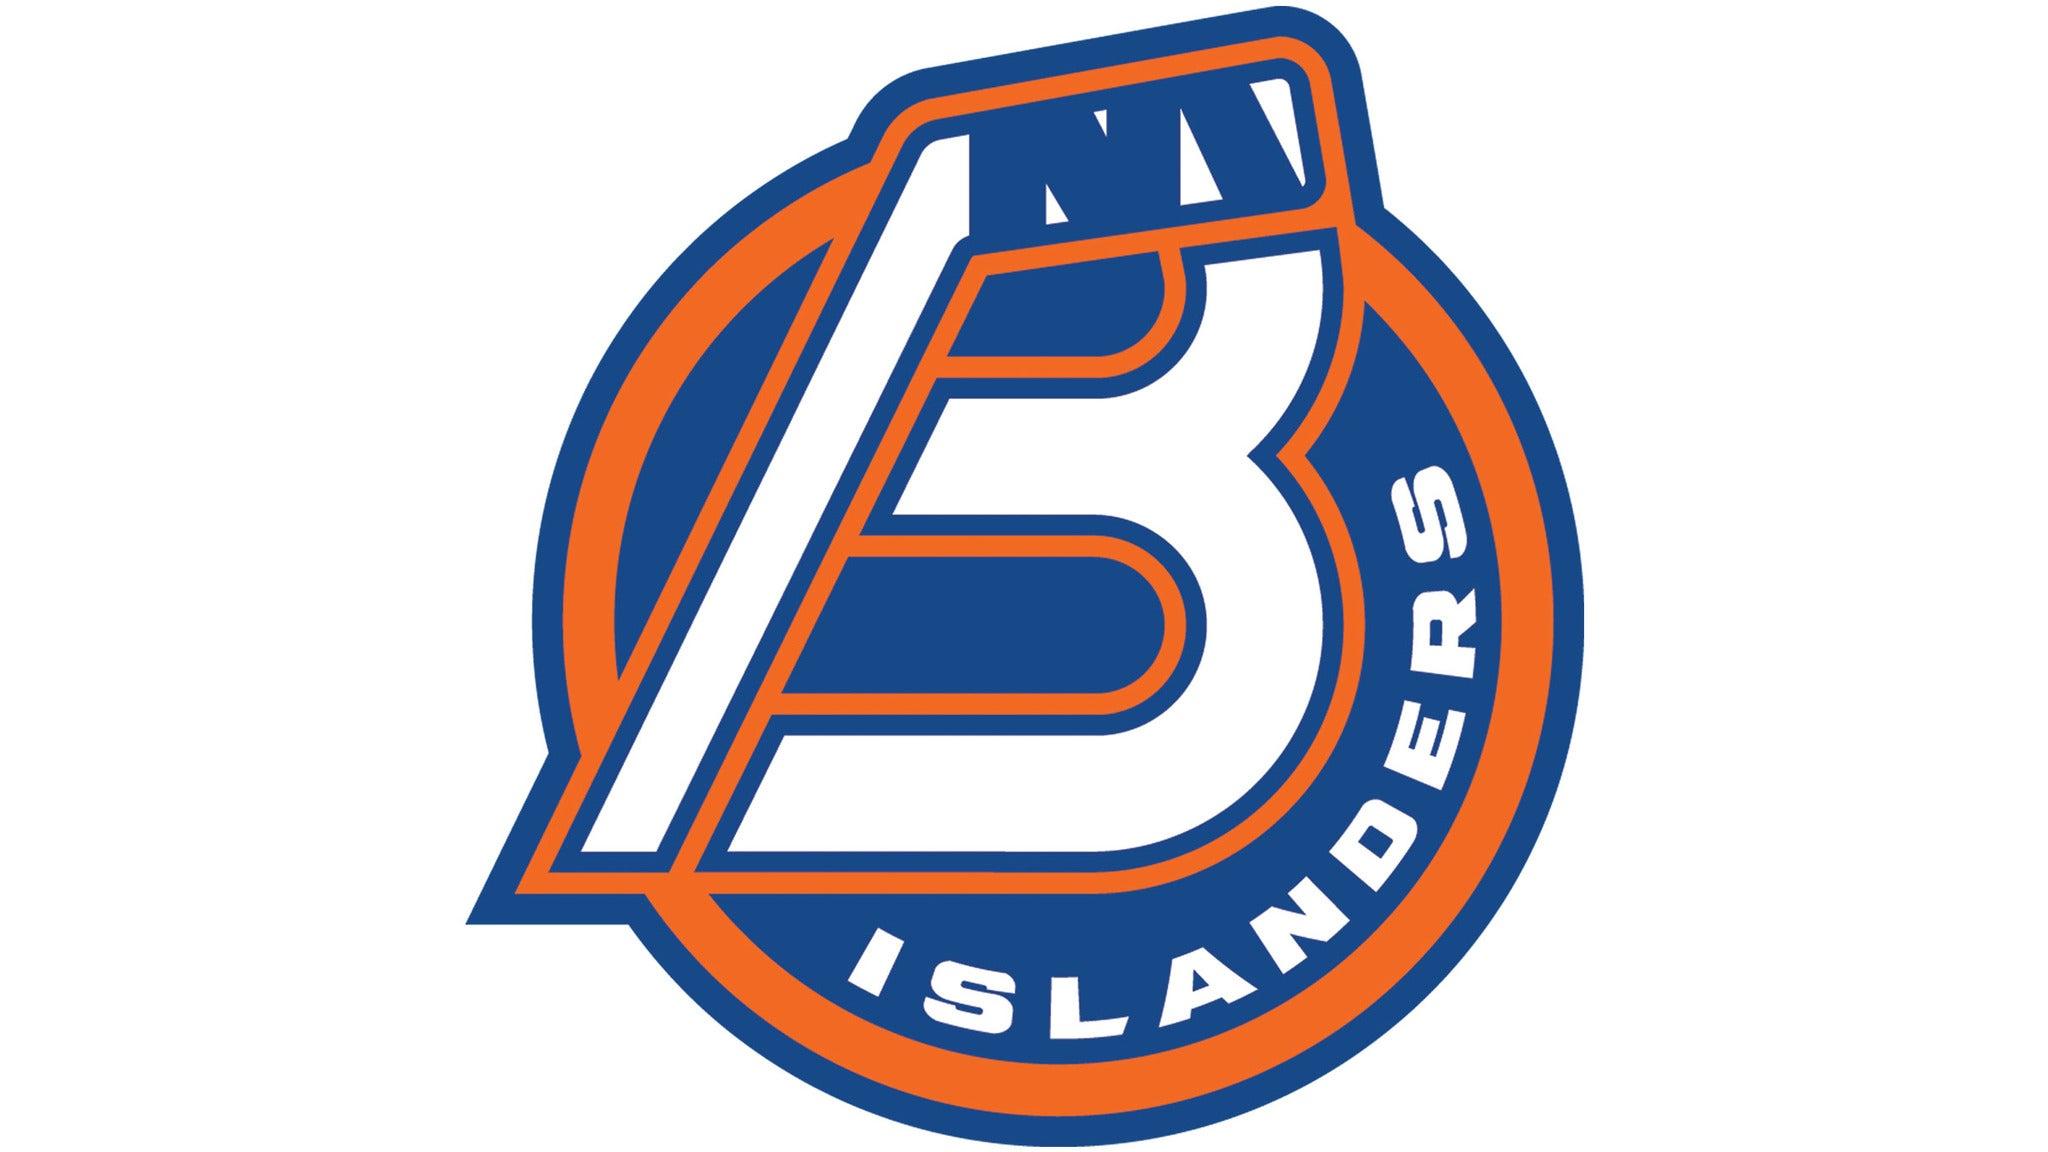 Bridgeport Islanders vs. Laval Rocket at Webster Bank Arena - Bridgeport, CT 06604